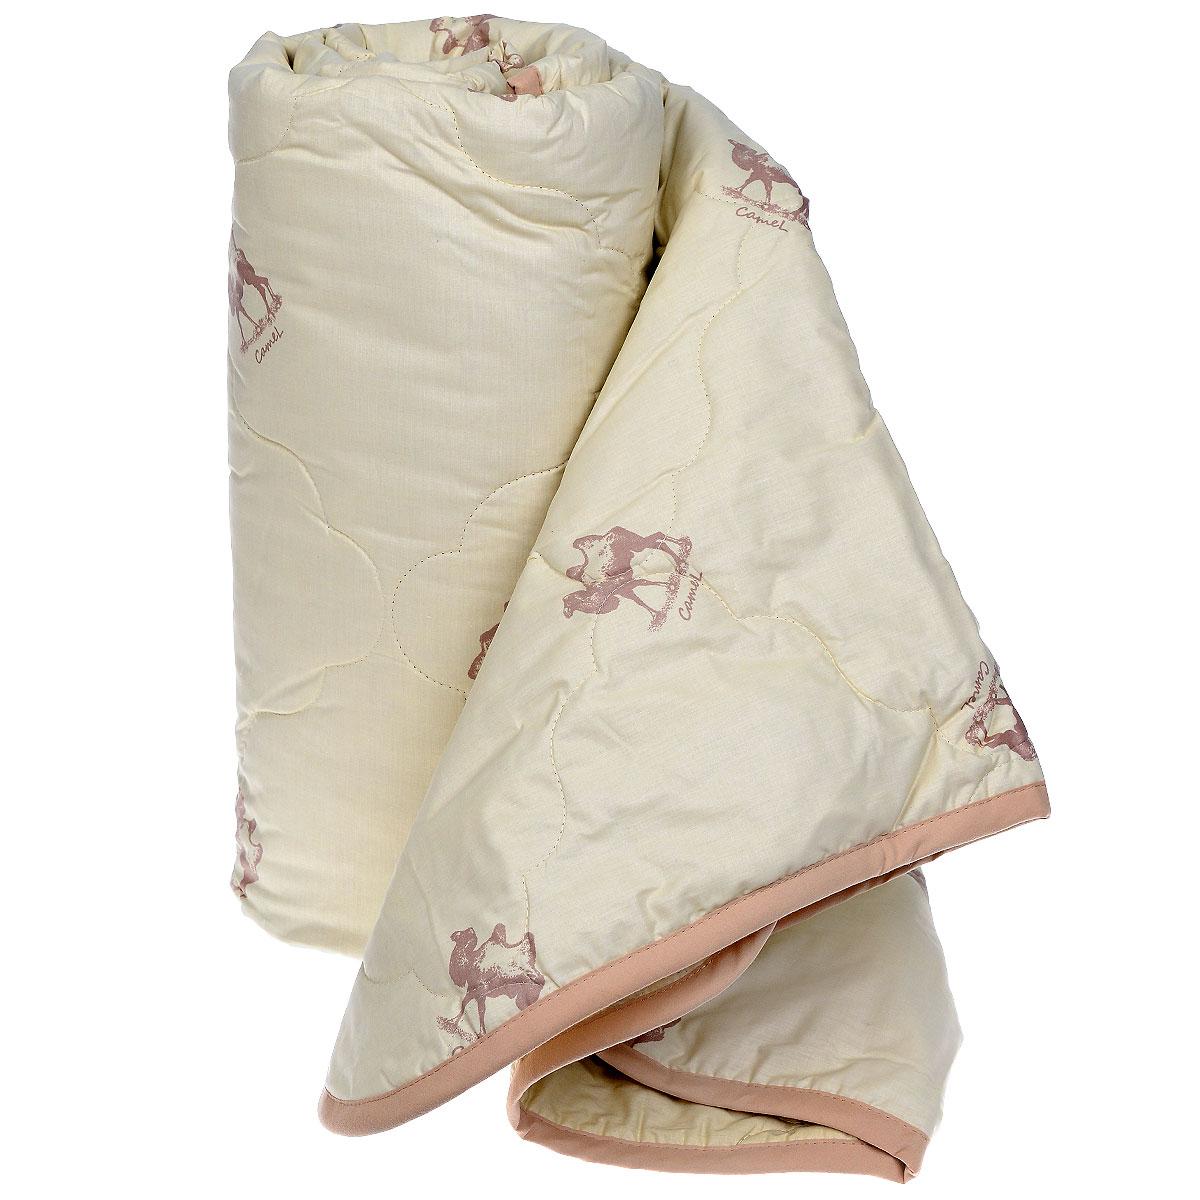 Одеяло Sova & Javoronok, наполнитель: верблюжья шерсть, цвет: бежевый, 140 х 205 см10503Чехол одеяла Sova & Javoronok выполнен из высококачественного плотного материала тик (100% хлопок). Наполнитель одеяла изготовлен из верблюжьей шерсти. Стежка надежно удерживает наполнитель внутри и не позволяет ему скатываться. Особенности наполнителя:- исключительные терморегулирующие свойства;- высокое качество прочеса и промывки шерсти;- великолепные ощущения комфорта и уюта. Верблюжья шерсть обладает целебными качествами, содержит наиболее высокий процент ланолина (животного воска), который является природным антисептиком и благоприятно воздействует на организм по целому ряду показателей: оказывает благотворное действие на мышцы, суставы, позвоночник, нормализует кровообращение, имеет профилактический эффект при заболевания опорно-двигательного аппарата. Кроме того, верблюжья шерсть антистатична. Шерсть верблюда сохраняет прохладу в период жаркого лета и удерживает тепло во время суровой зимы. Одеяло упакована в прозрачный пластиковый чехол на змейке с ручкой, что является чрезвычайно удобным при переноске.Рекомендации по уходу:- Стирка запрещена,- Нельзя отбеливать. При стирке не использовать средства, содержащие отбеливатели (хлор),- Не гладить. Не применять обработку паром,- Химчистка с использованием углеводорода, хлорного этилена,- Нельзя выжимать и сушить в стиральной машине. Размер одеяла: 140 см х 205 см. Материал чехла: тик (100% хлопок). Наполнитель: 30% верблюжья шерсть, 70% полиэфирное волокно.